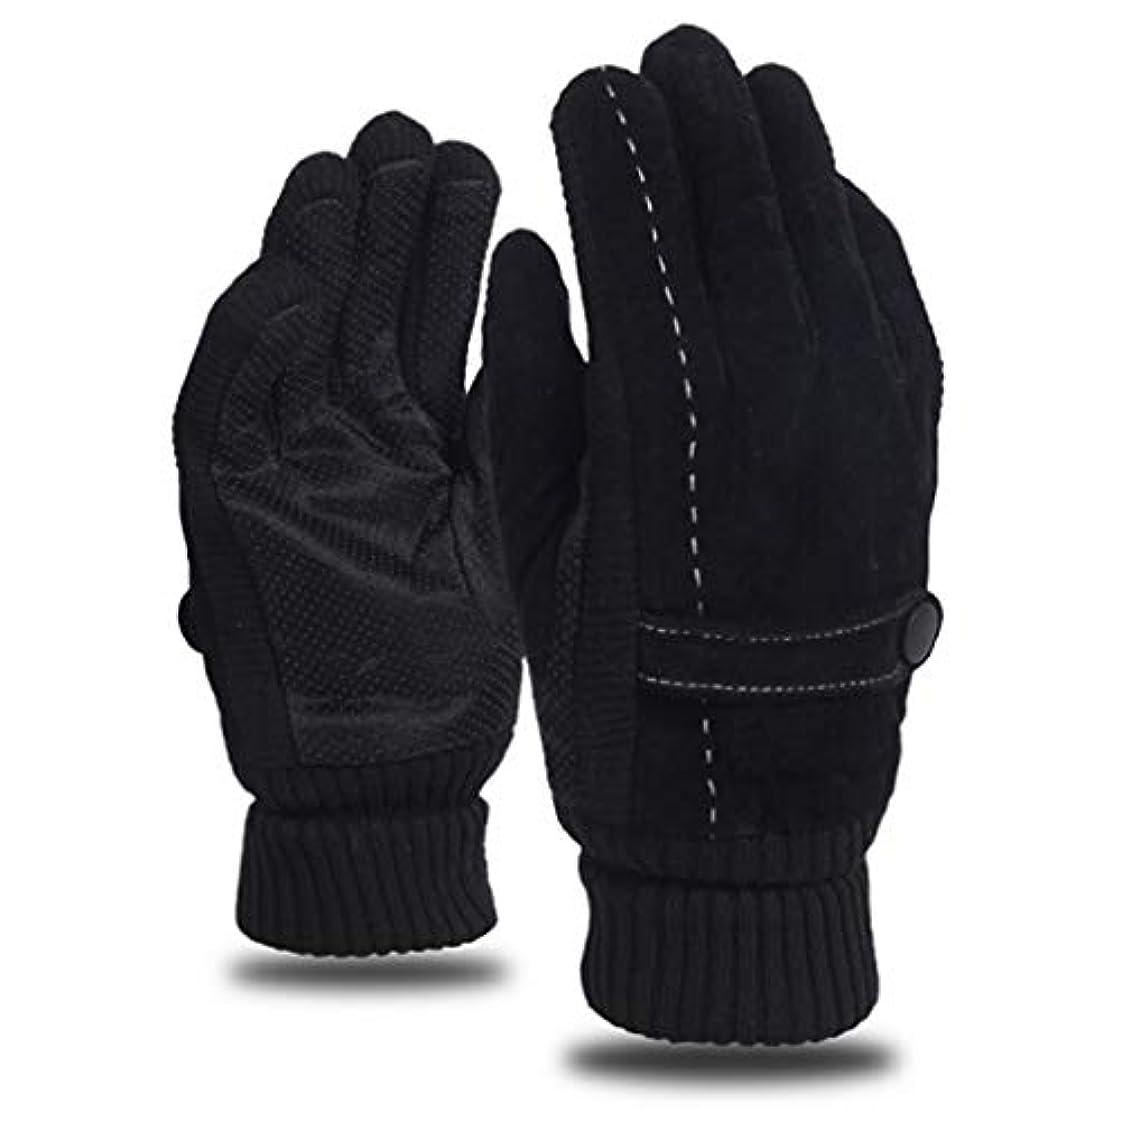 華氏サーカス不規則なレザーグローブメンズウィンライディングプラスベルベット厚手暖かいドライビングアウトドアオートバイ防風コールドノンスリップメンズコットン手袋 (色 : 黒)